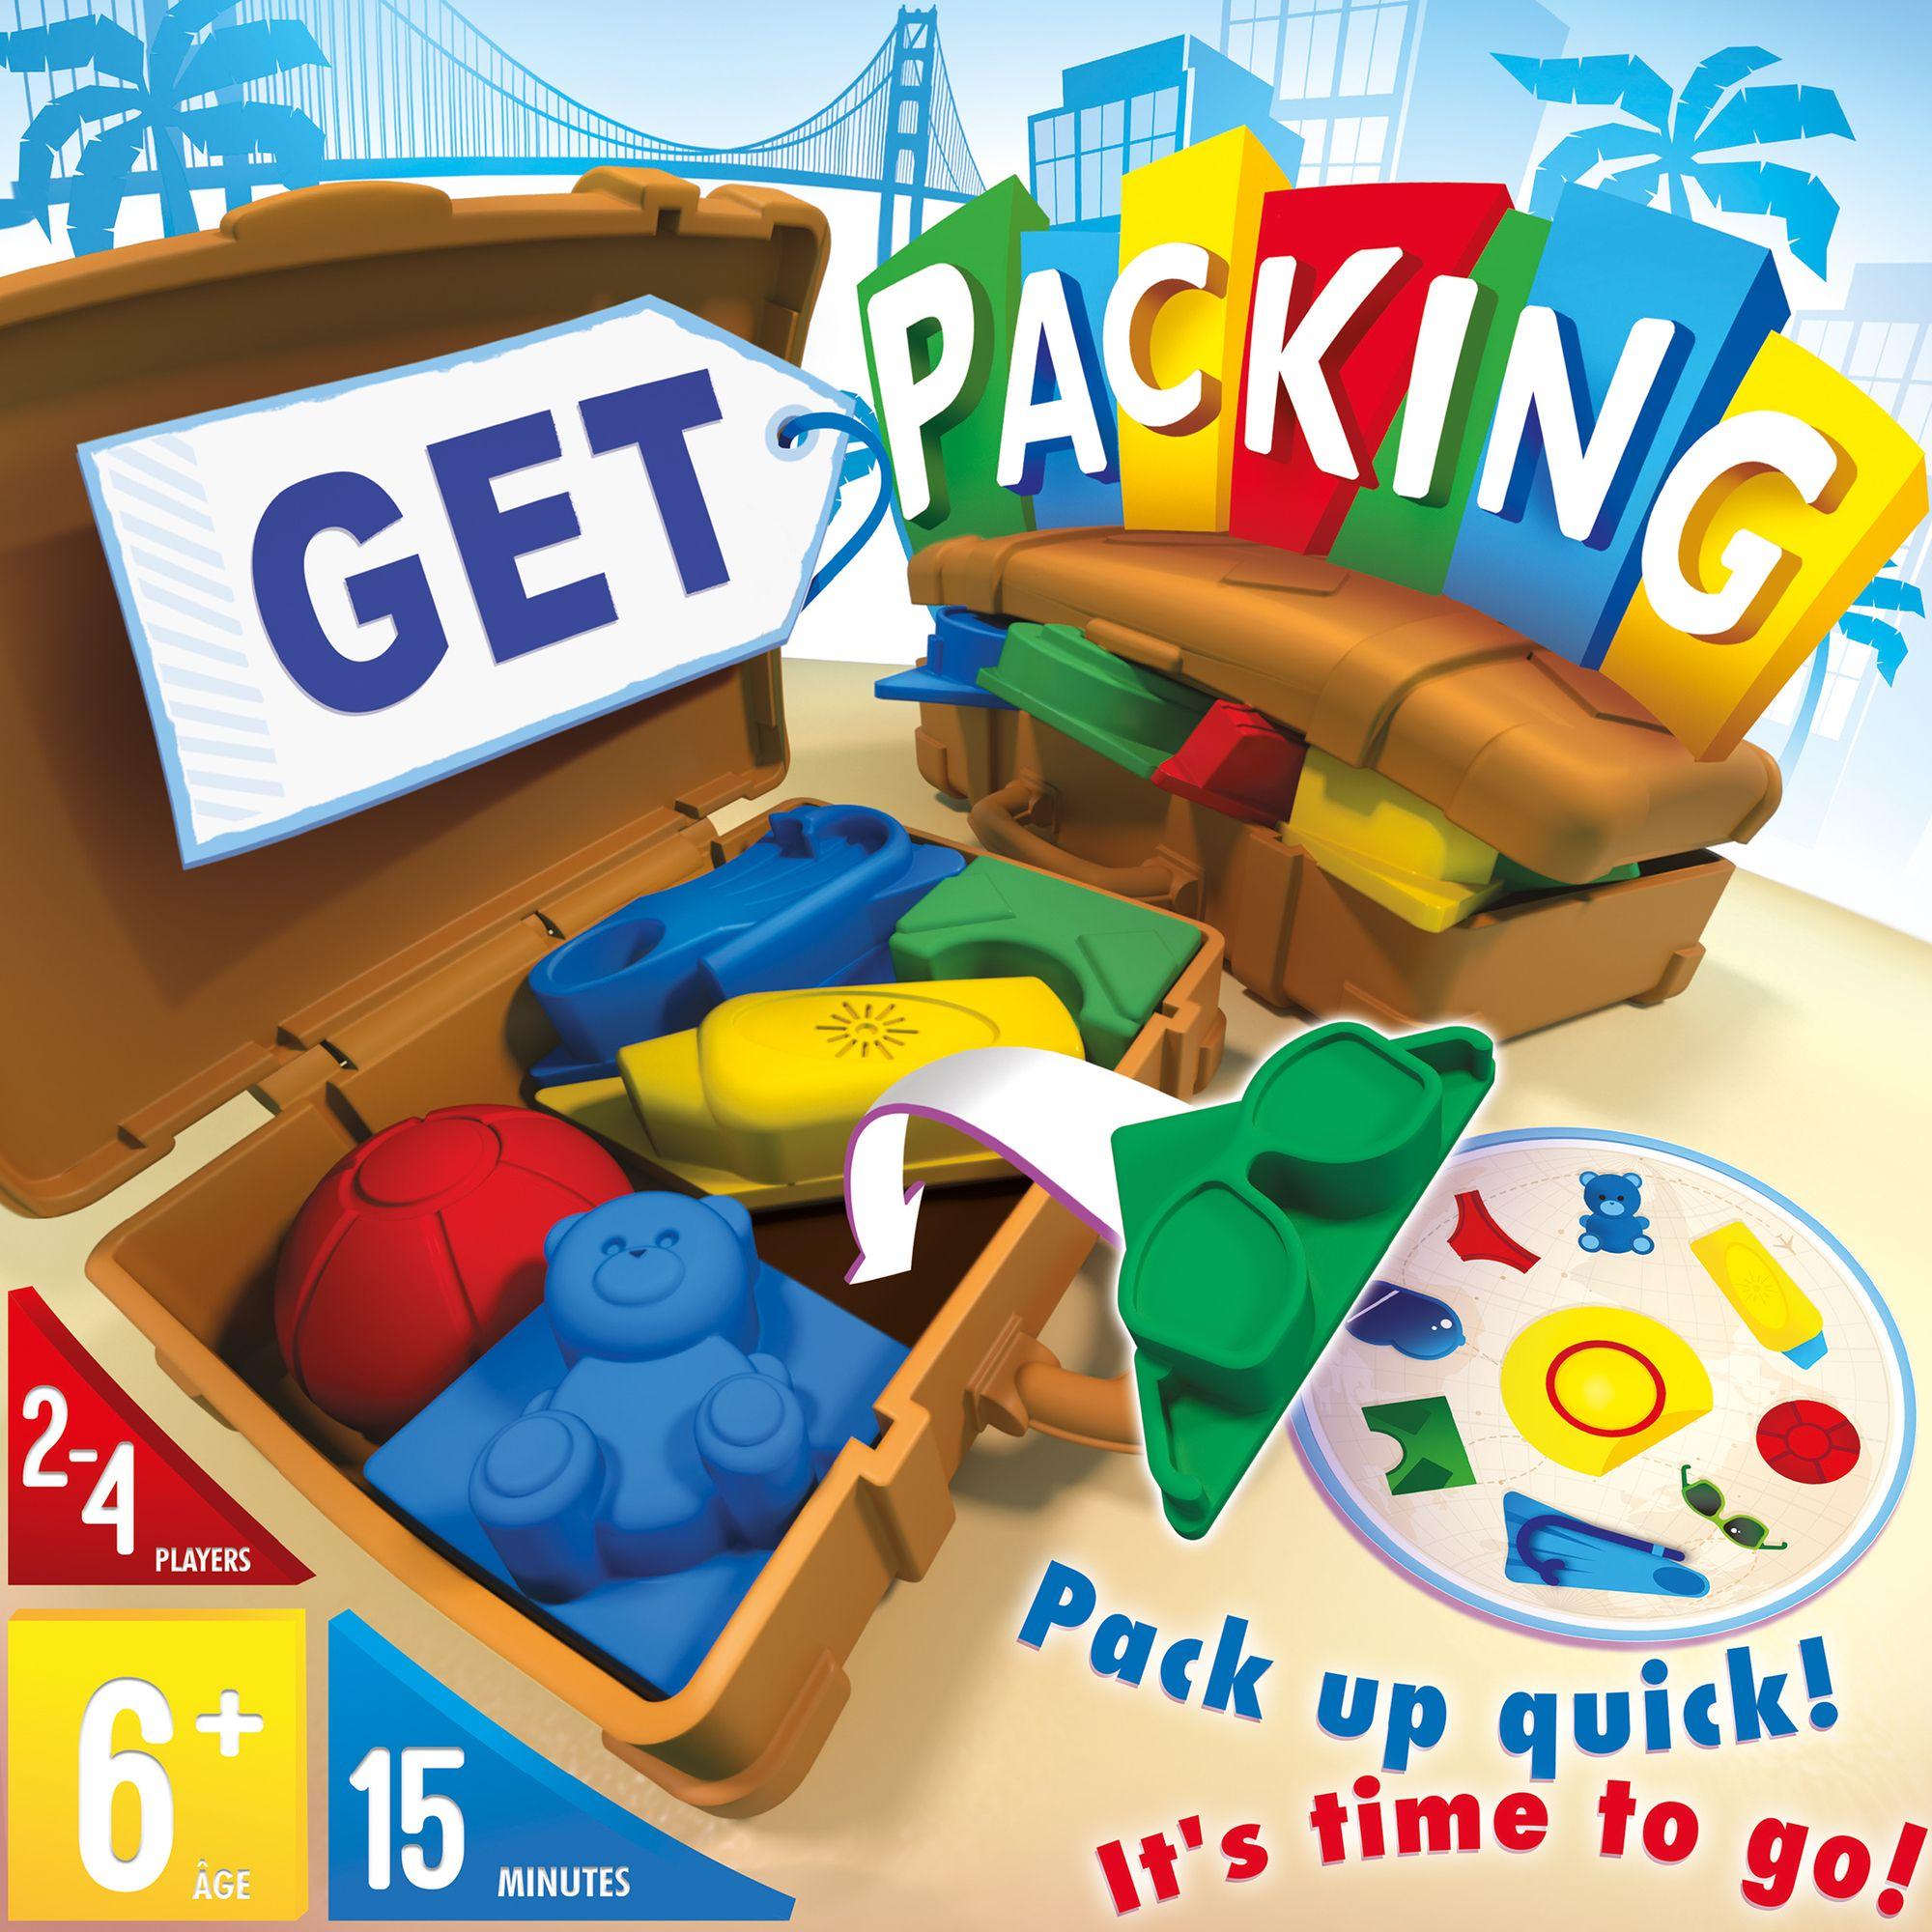 настольная игра Get Packing Получить упаковку